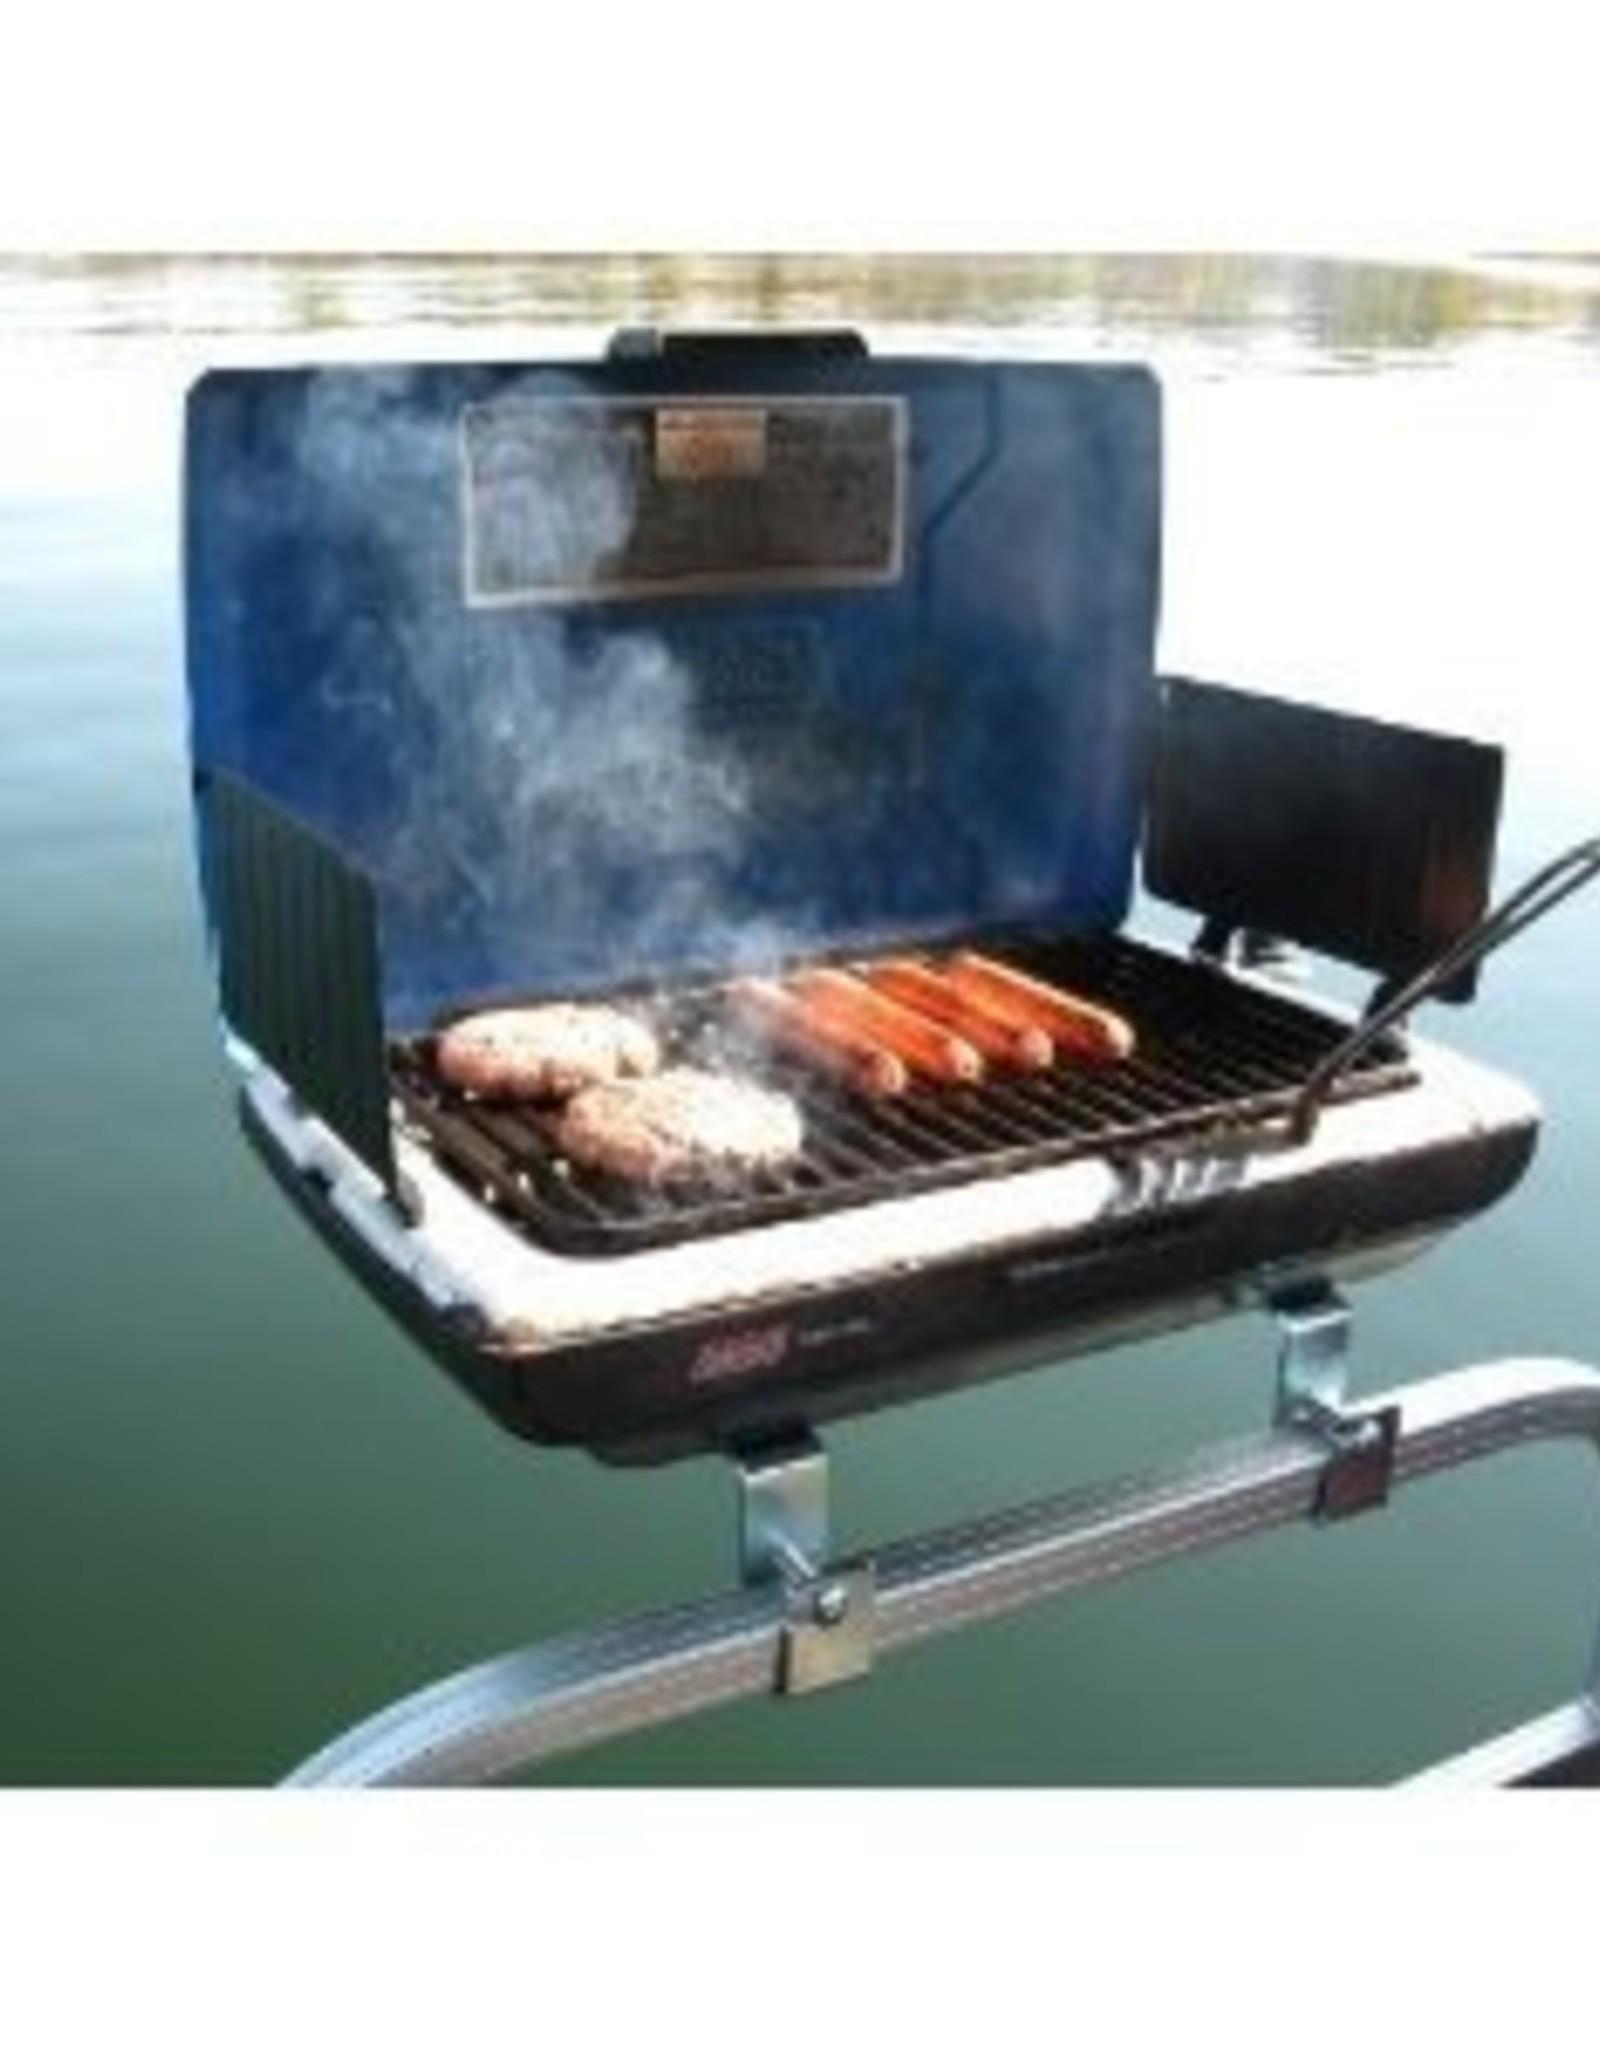 Barbecue op de sloep